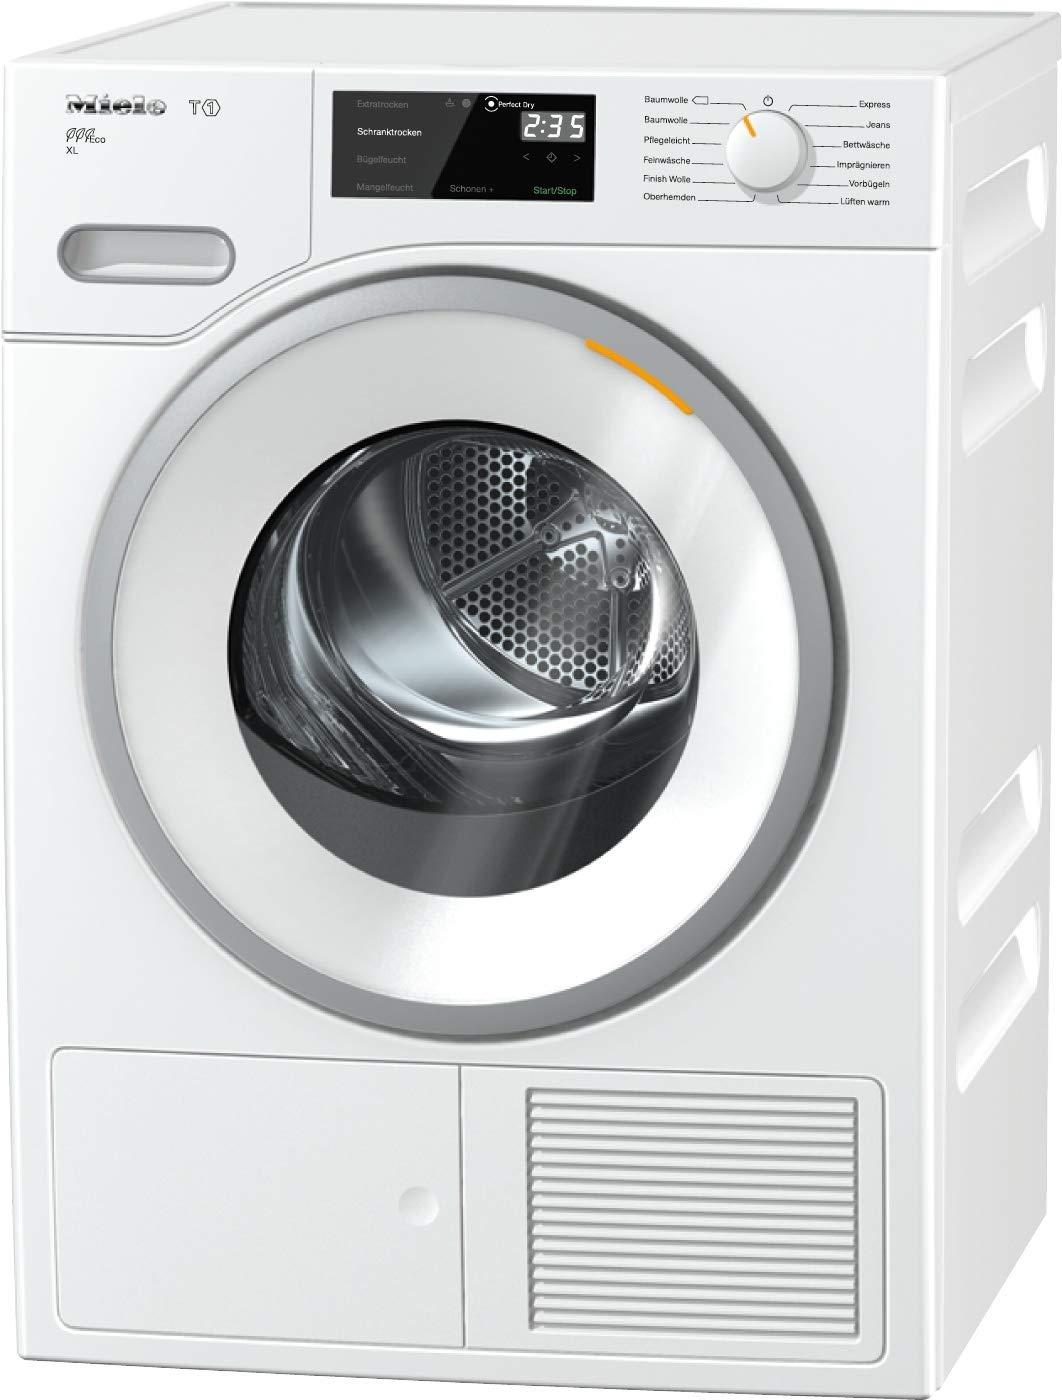 Miele TWH 620 WP Wärmepumpentrockner/A+++ (193kWh/Jahr)/mit 9kg Schontrommel/mit Duftflakon für frisch duftende Wäsche/Wäschetrockner mit Startvorwahl und Restzeitanzeige/wartungsfreier Wärmetauscher [Energieklasse A+++] 10963750